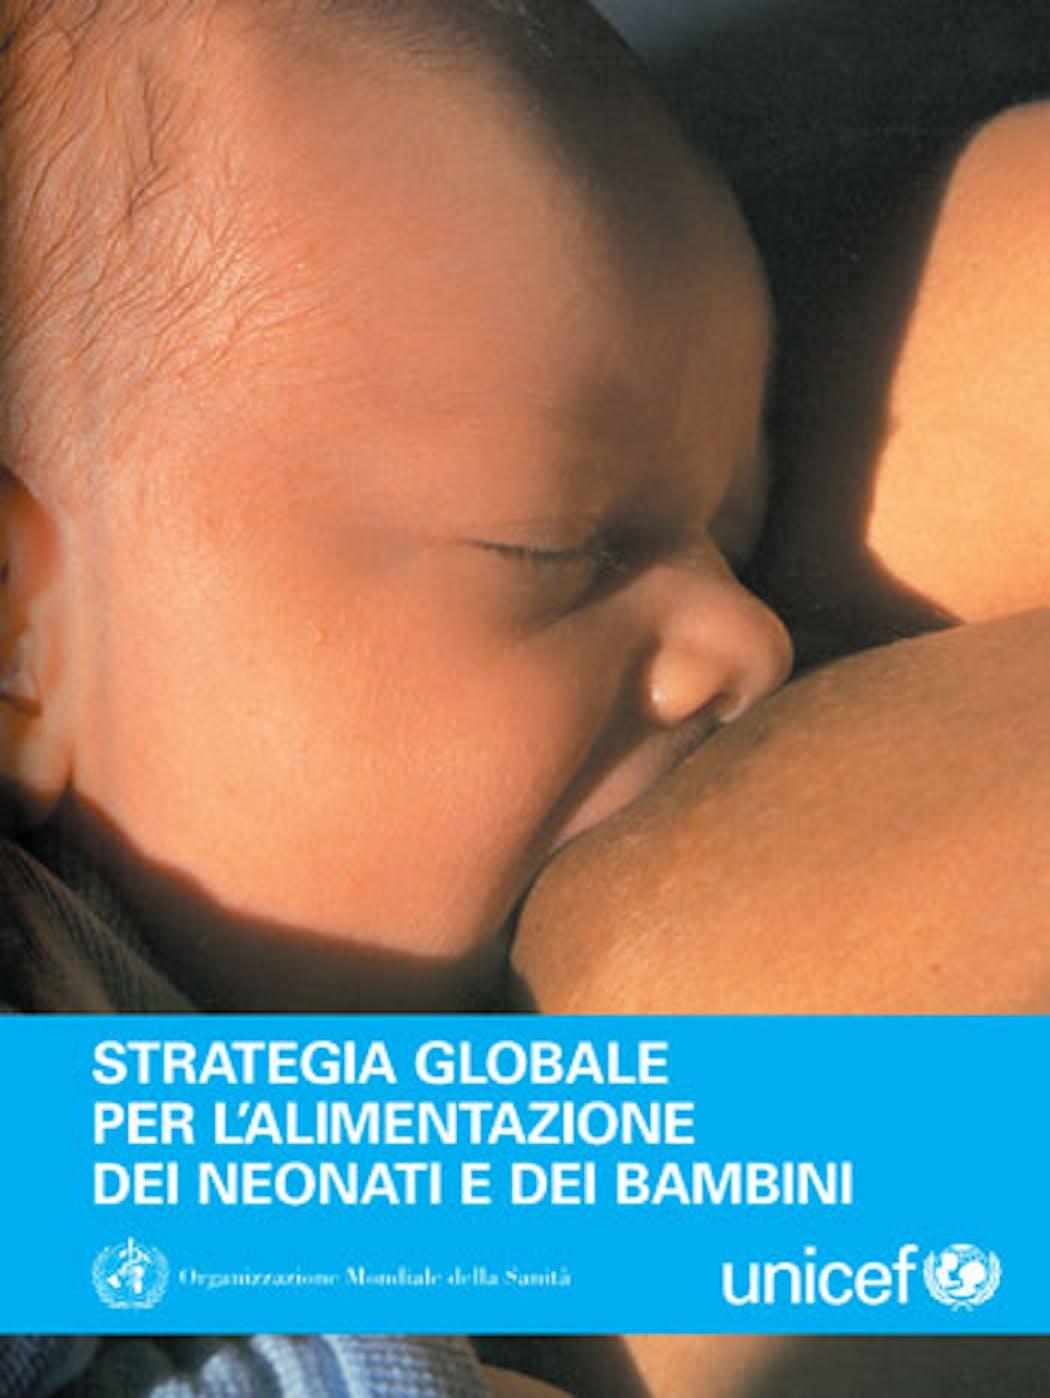 Strategia globale per l'alimentazione dei neonati e dei bambini